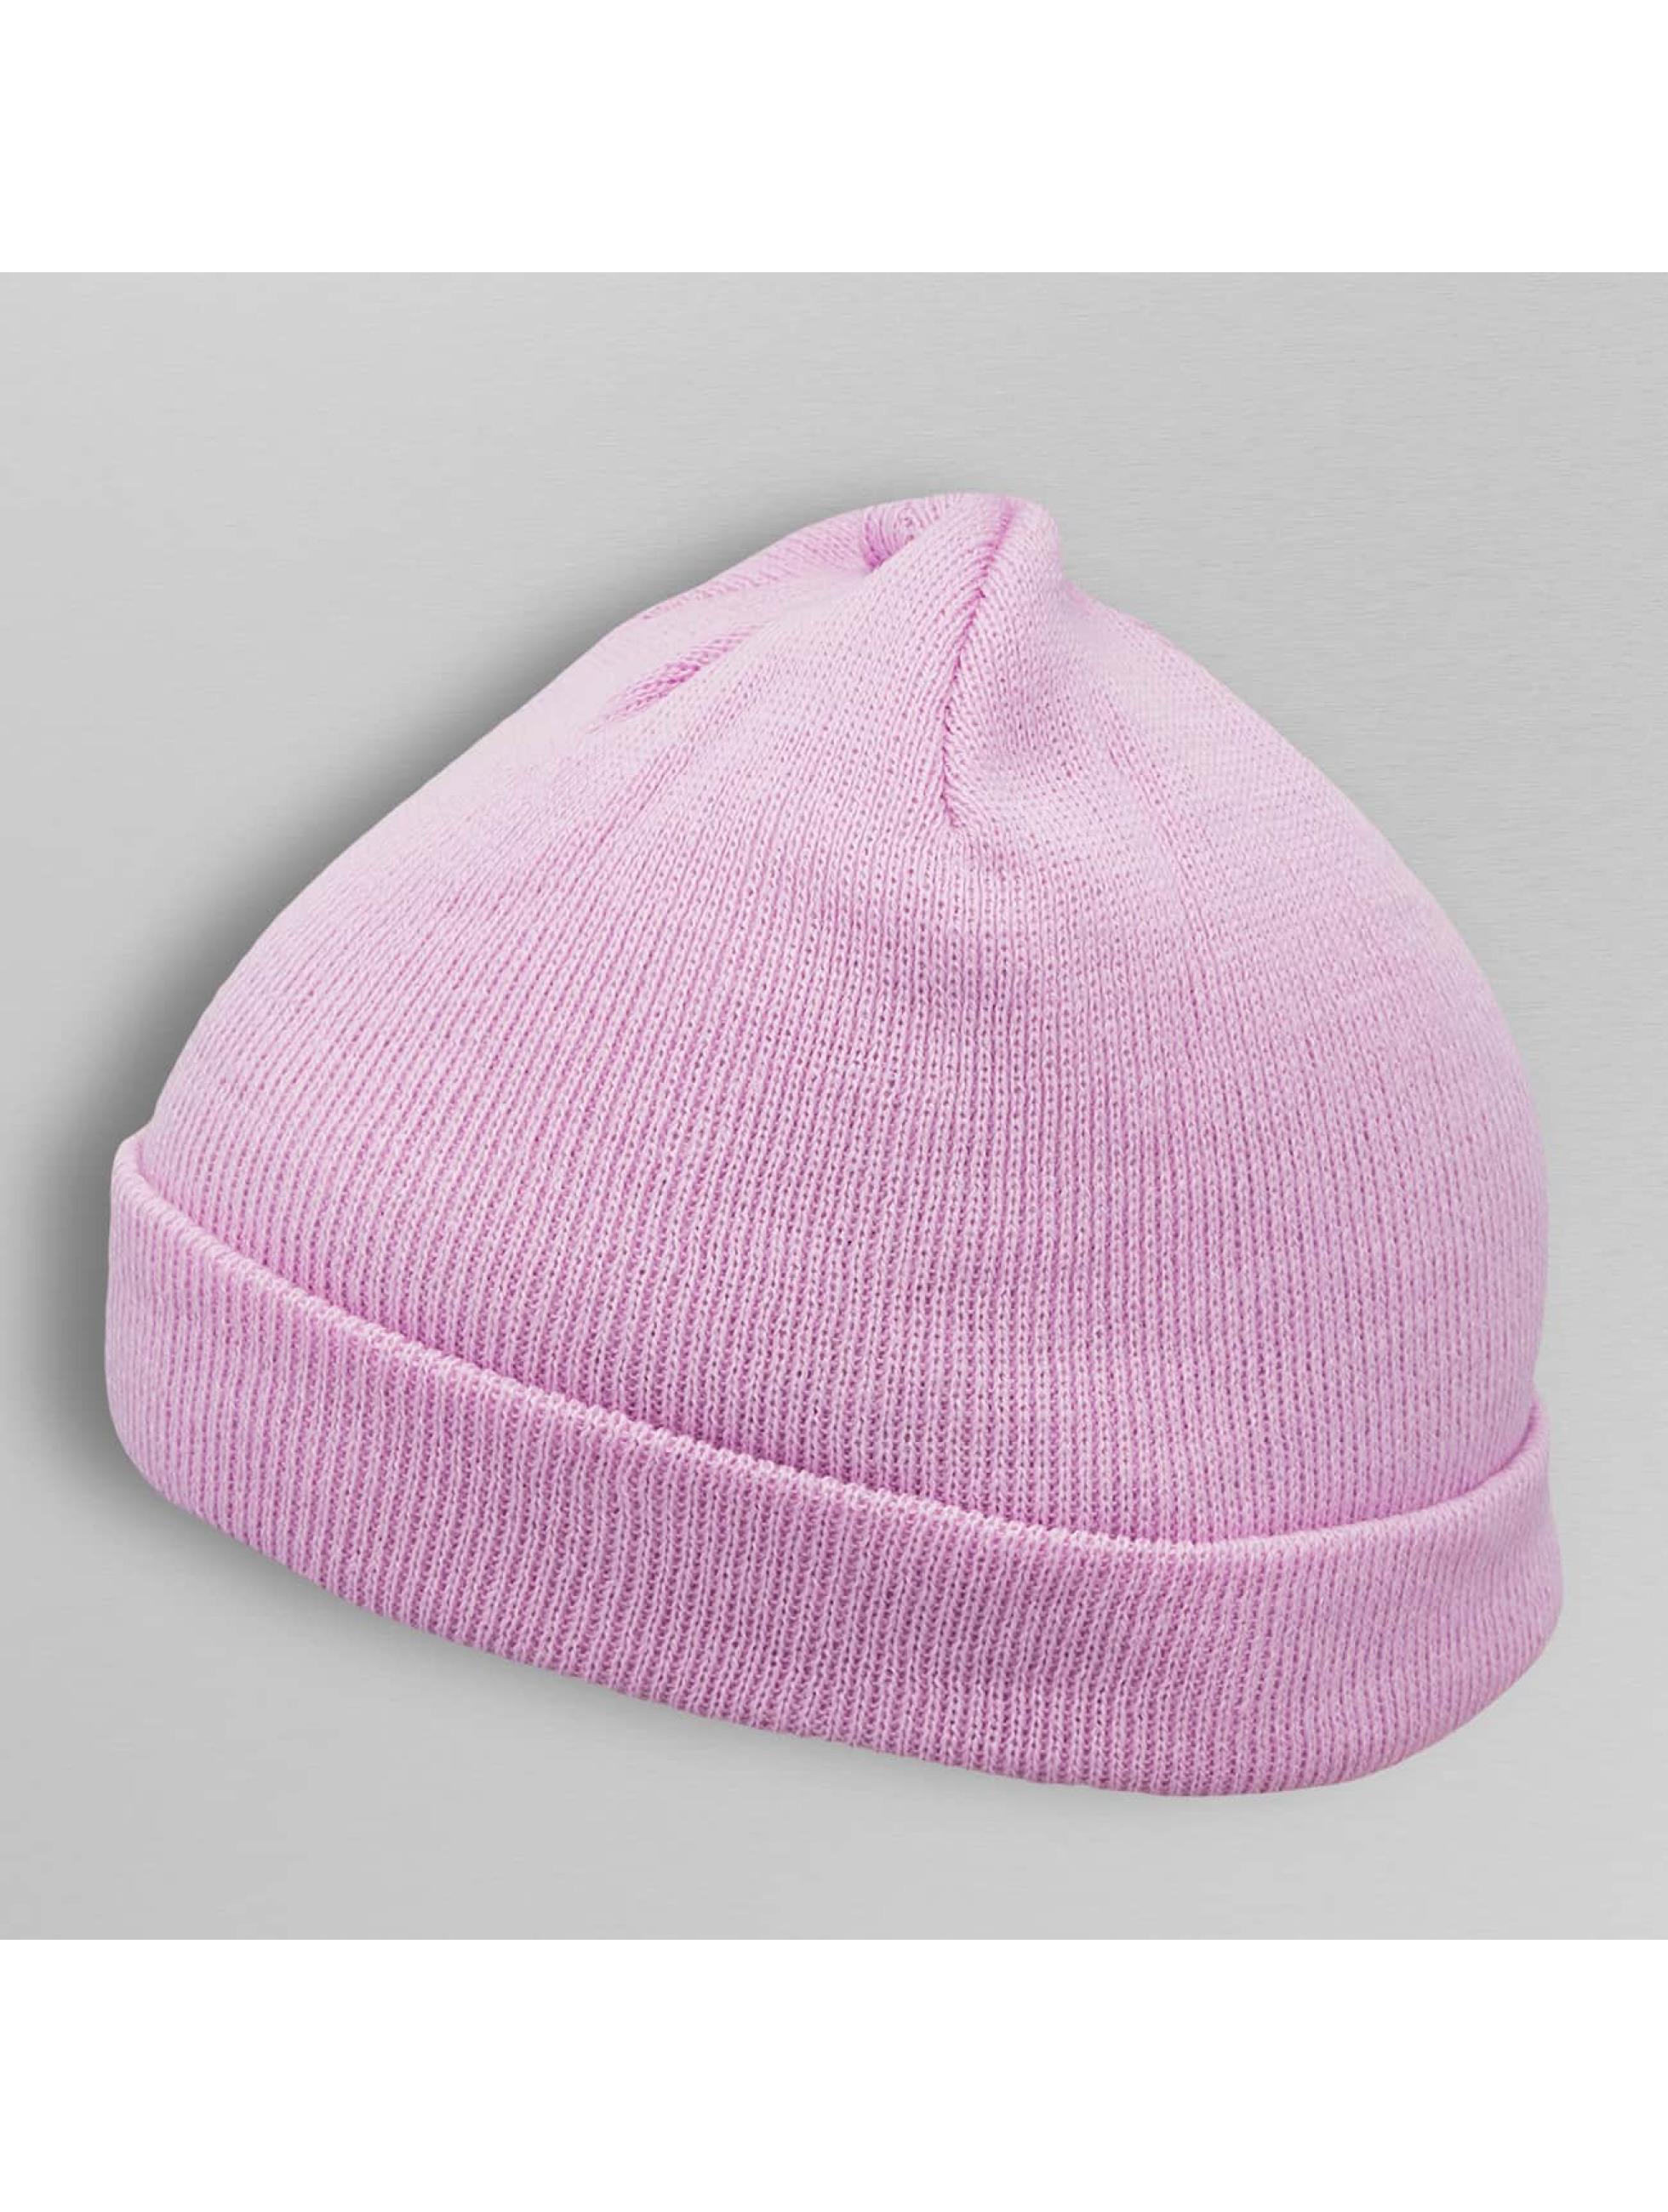 MSTRDS Bonnet Short Pastel Cuff Knit pourpre